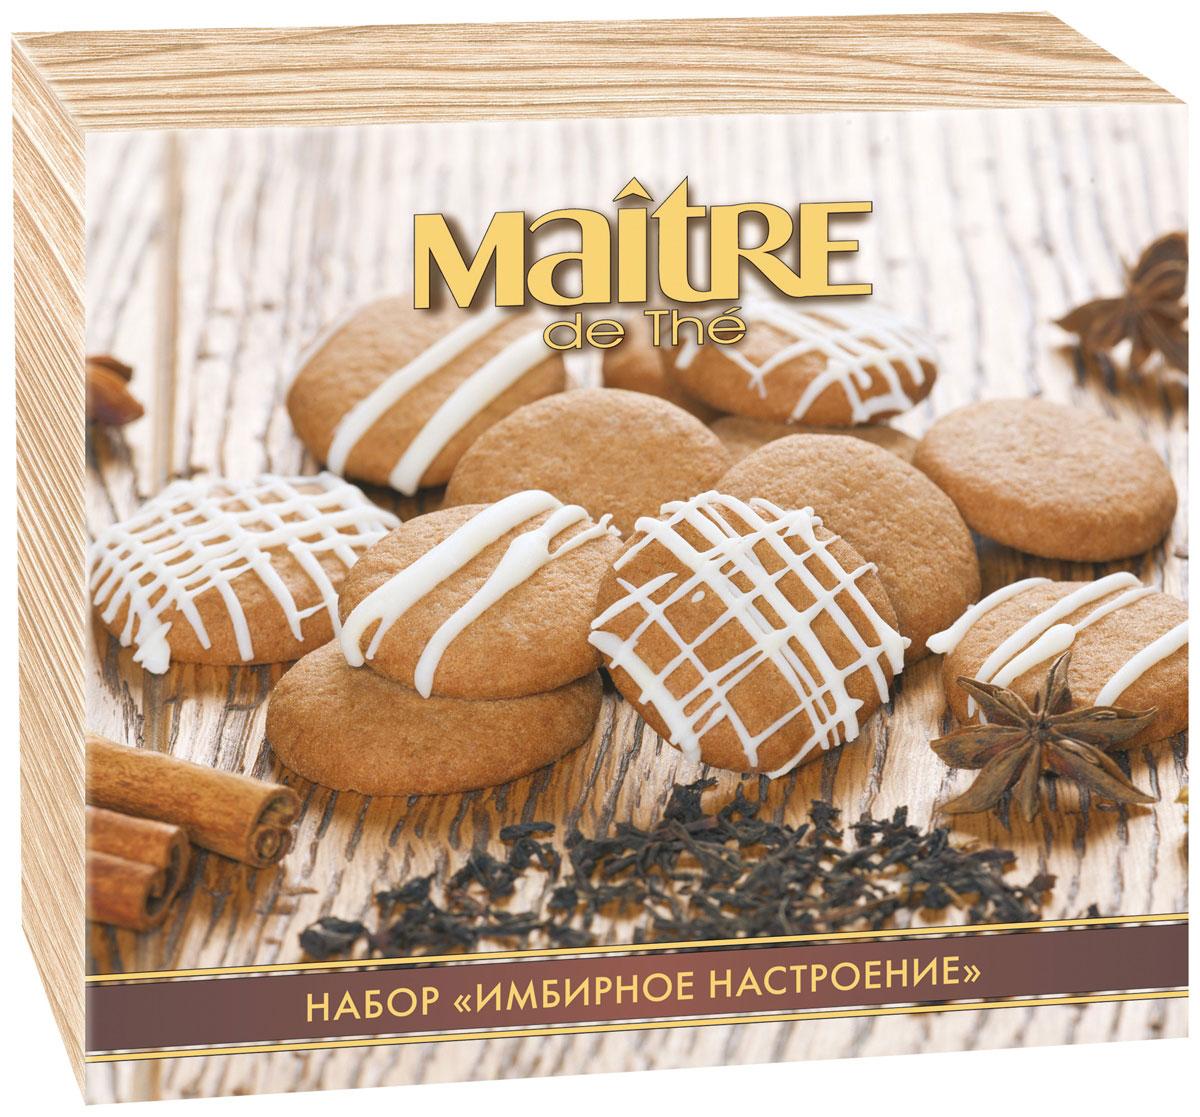 Maitre Имбирное настроение черный листовой чай, 61 гбаж043Подарочный набор в картонной коробке, в индивидуальной упаковке Имбирное печенье и листовой черный чай из коллекции Maitre de The «Кения»